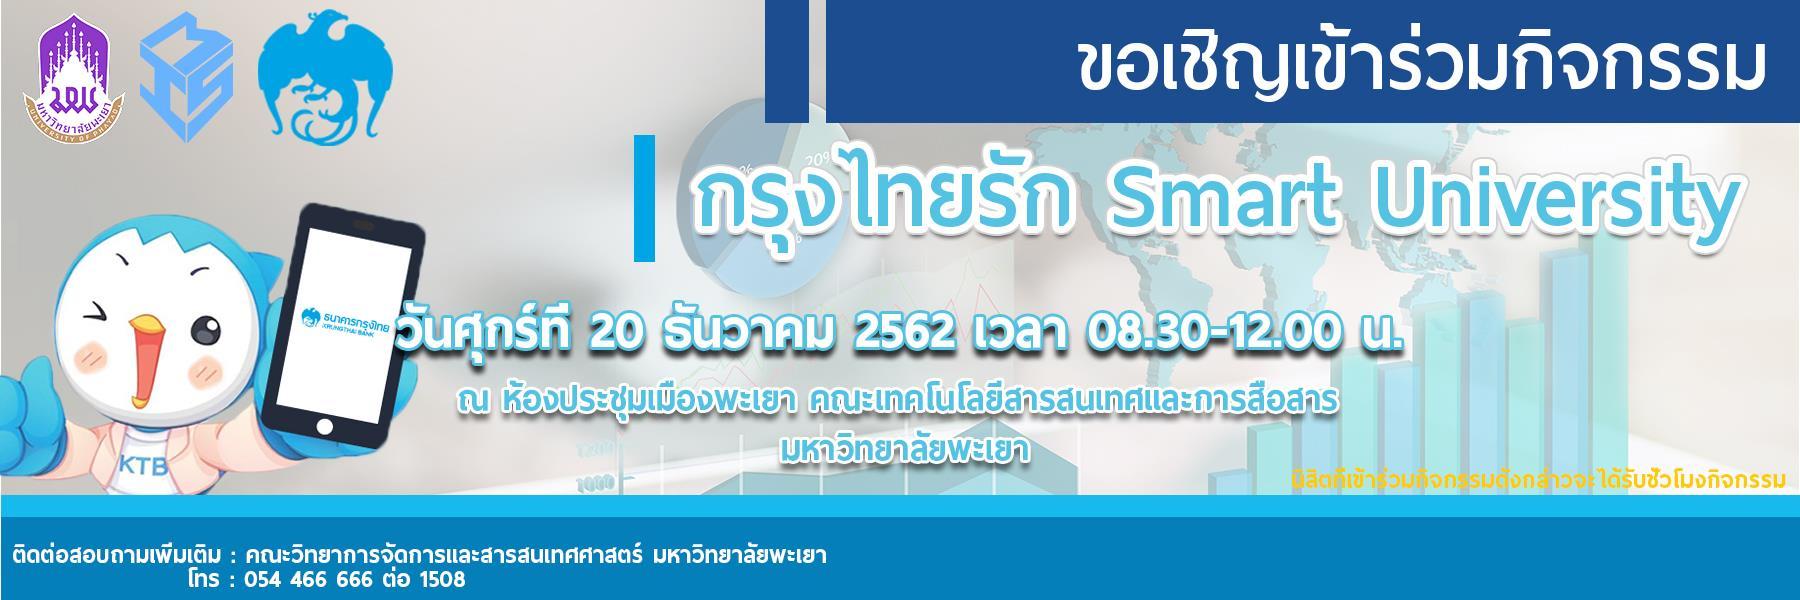 กรุงไทย_กรุงไทยรักษ์smart-university_คณะวิทยาการจัดการและสารสนเทศศาสตร์_มหาวิทยาลัยพะเยา